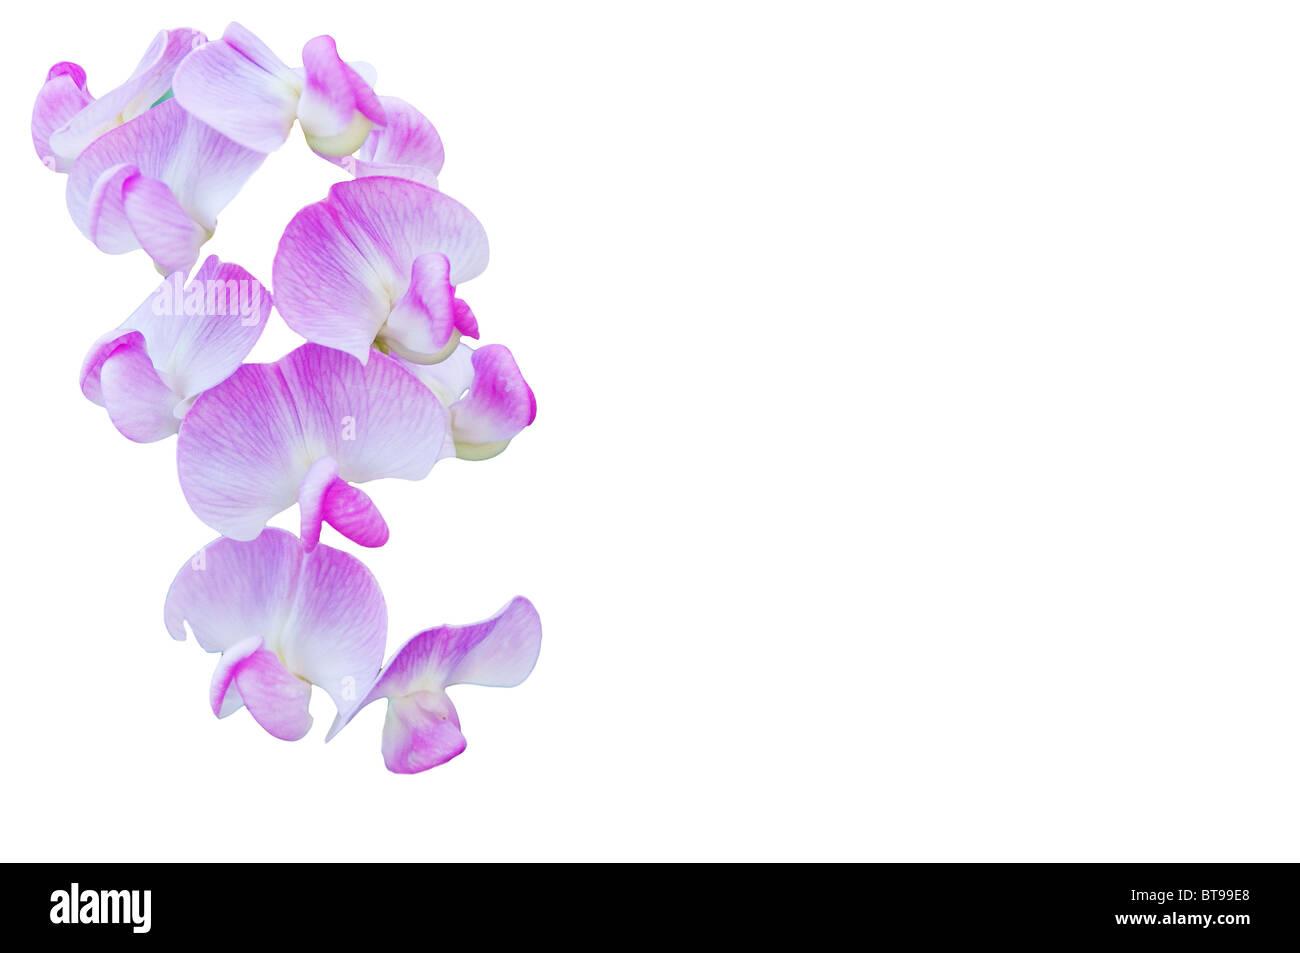 Tare commune sur un fond blanc Photo Stock